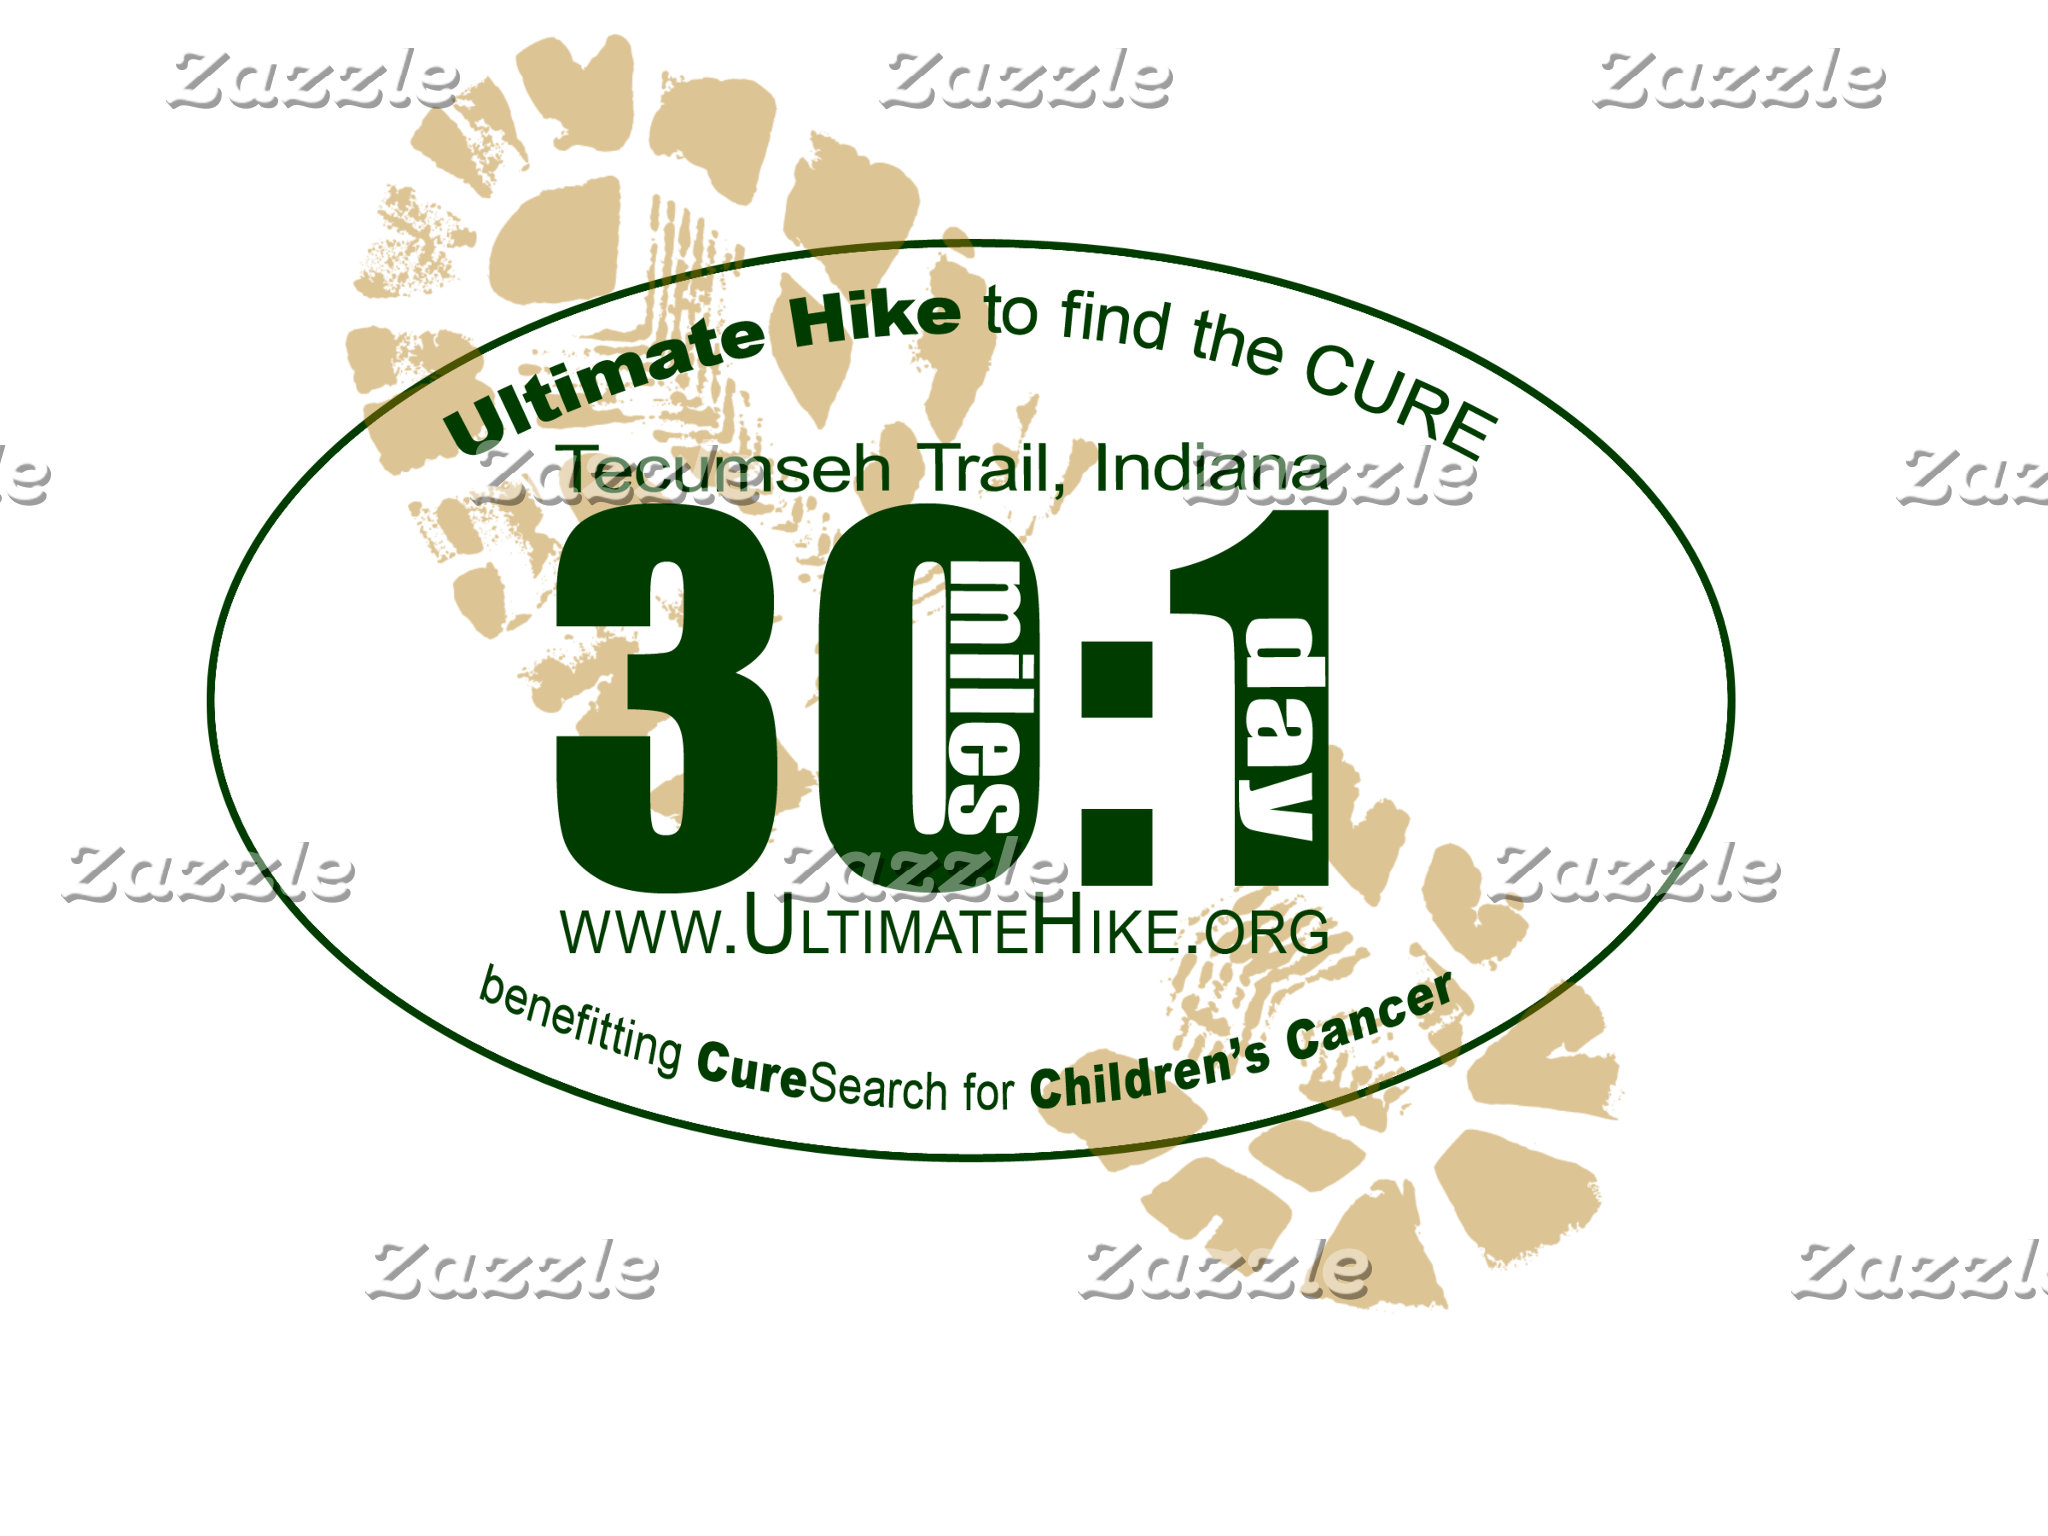 Ultimate Hike 2012